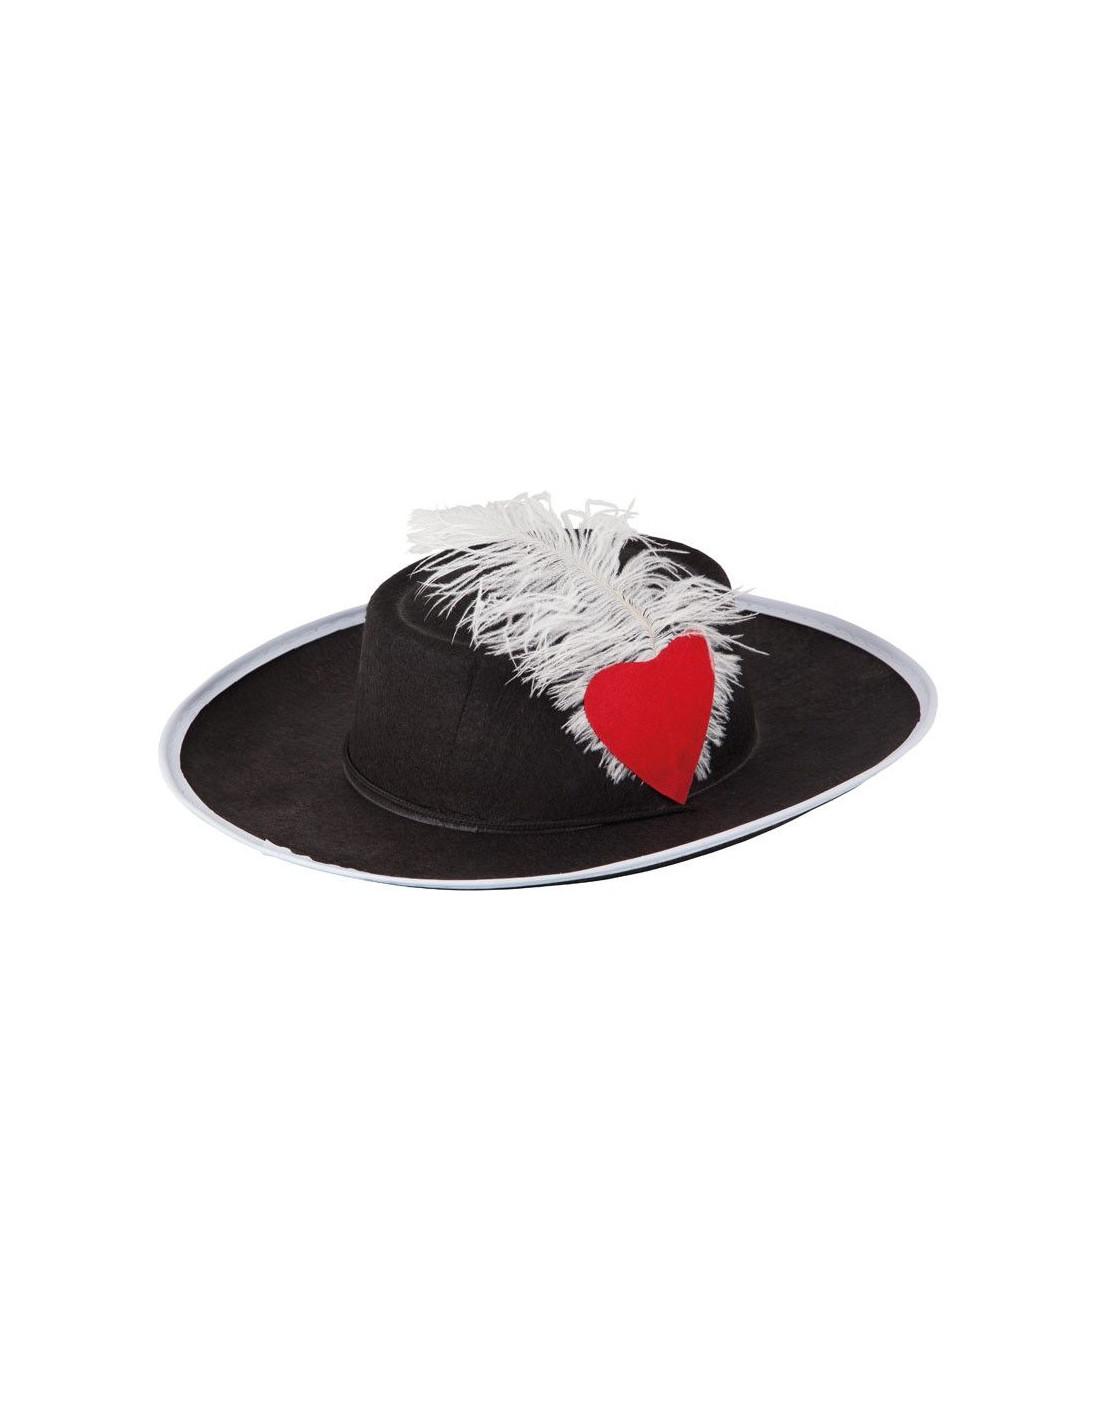 Sombrero mosquetero fieltro infantil - Comprar en Tienda Disfraces ... ae0171c3b23